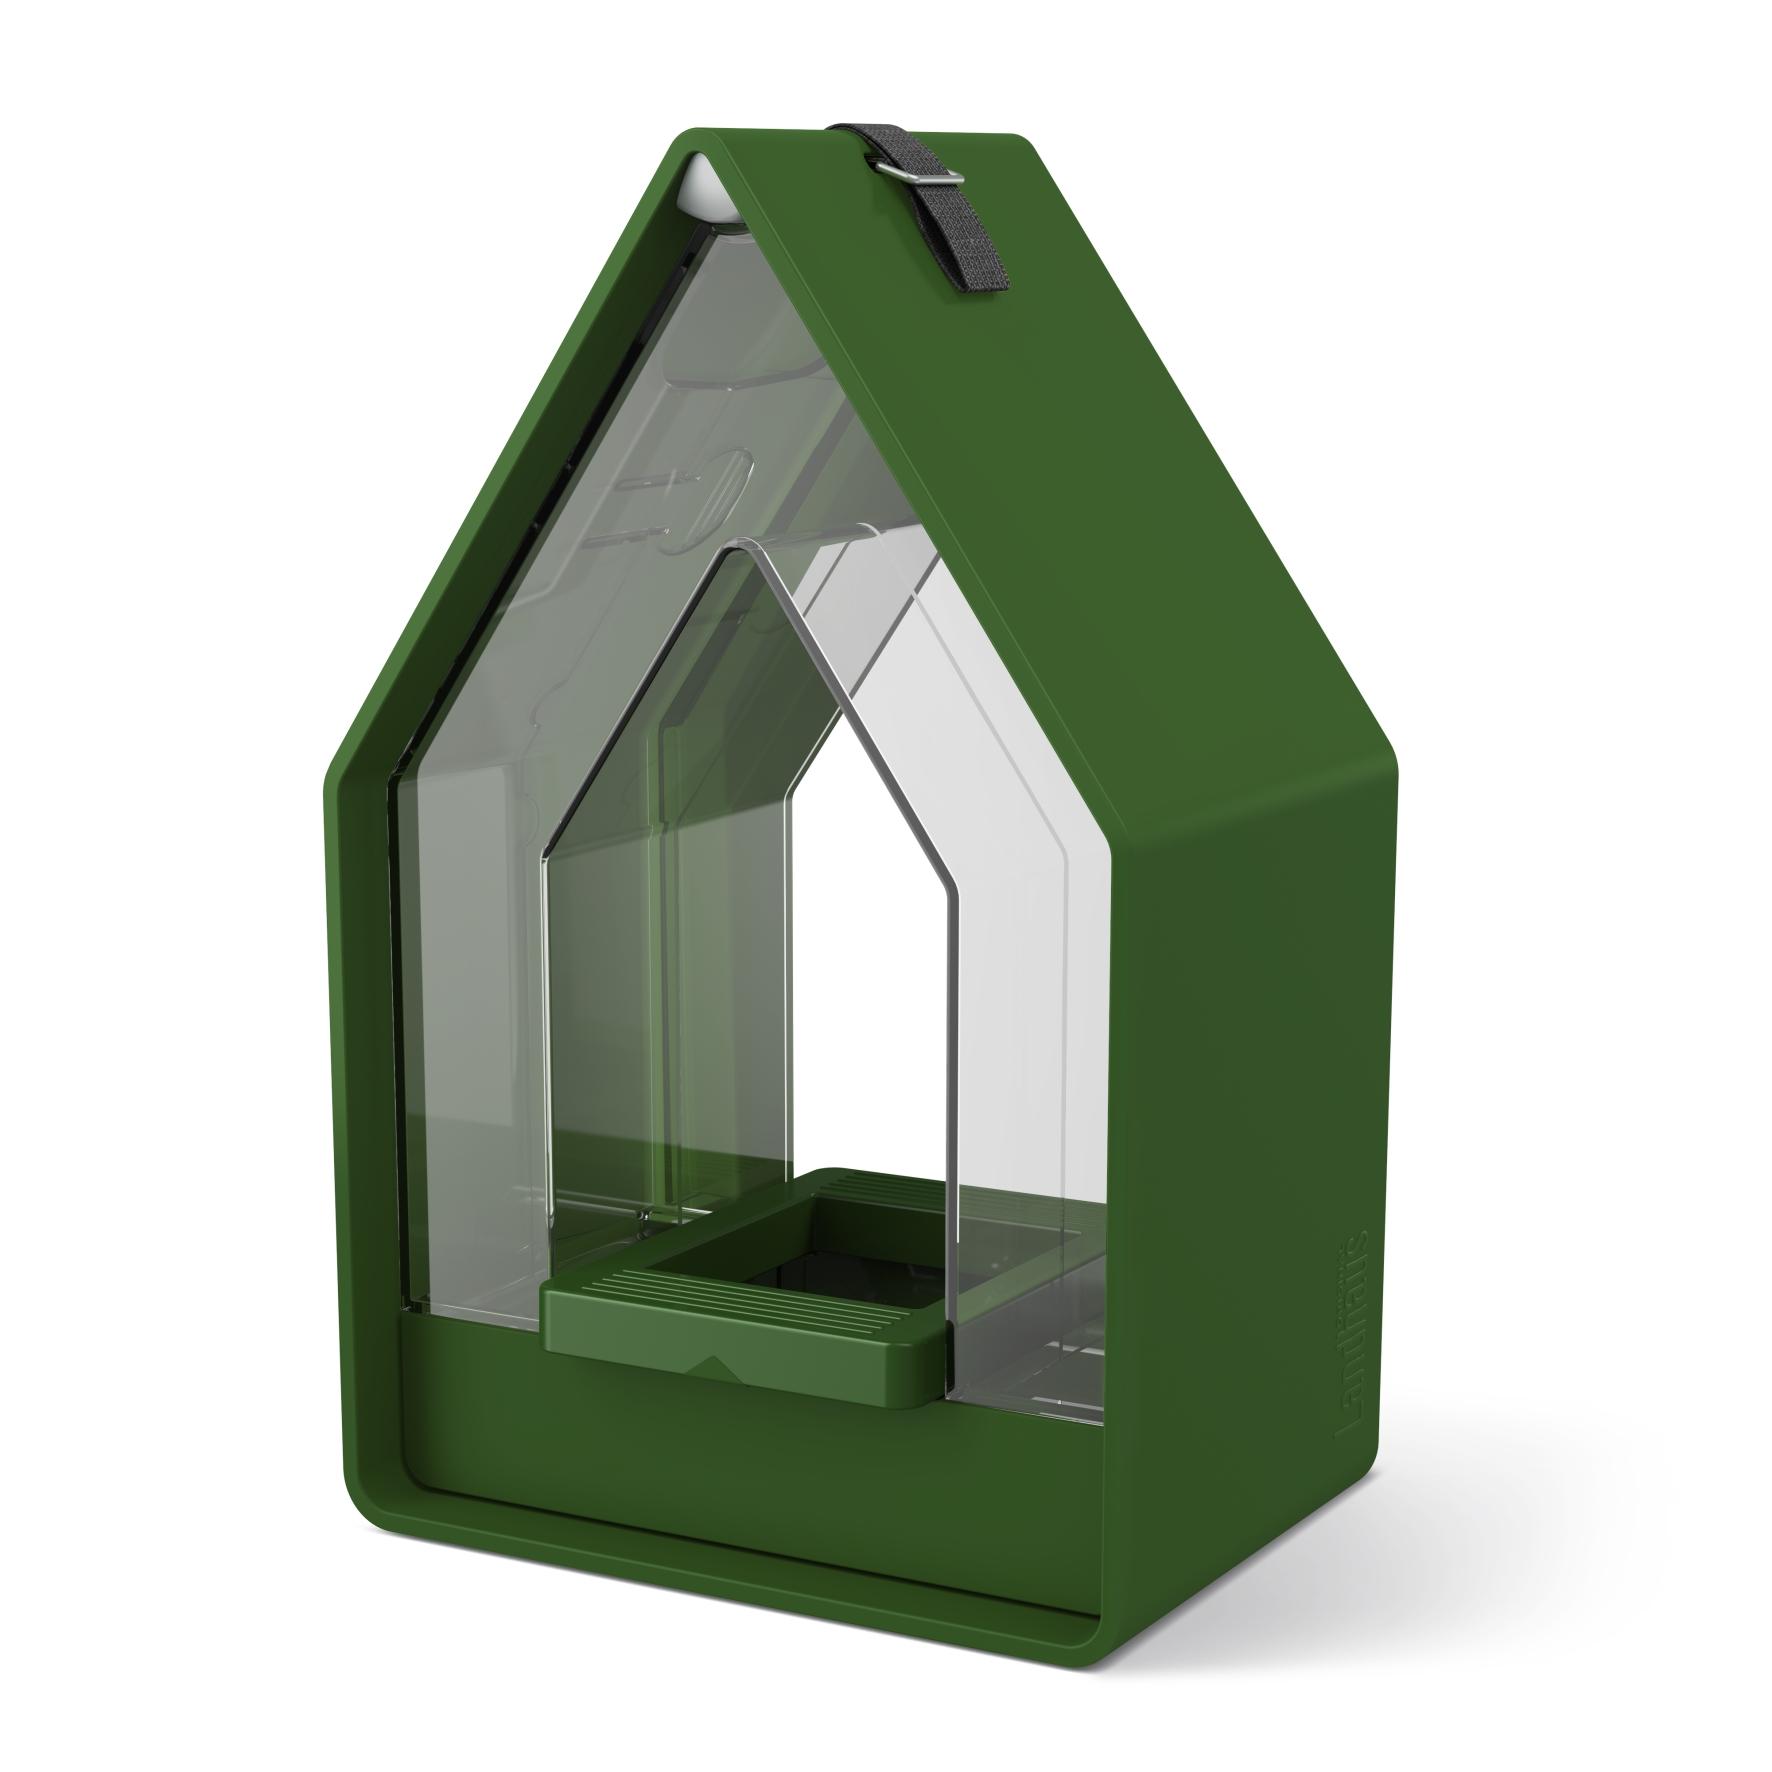 EMSA Krmítko se zásobníkem 15 x 24 cm tmavě zelené Landhaus Emsa